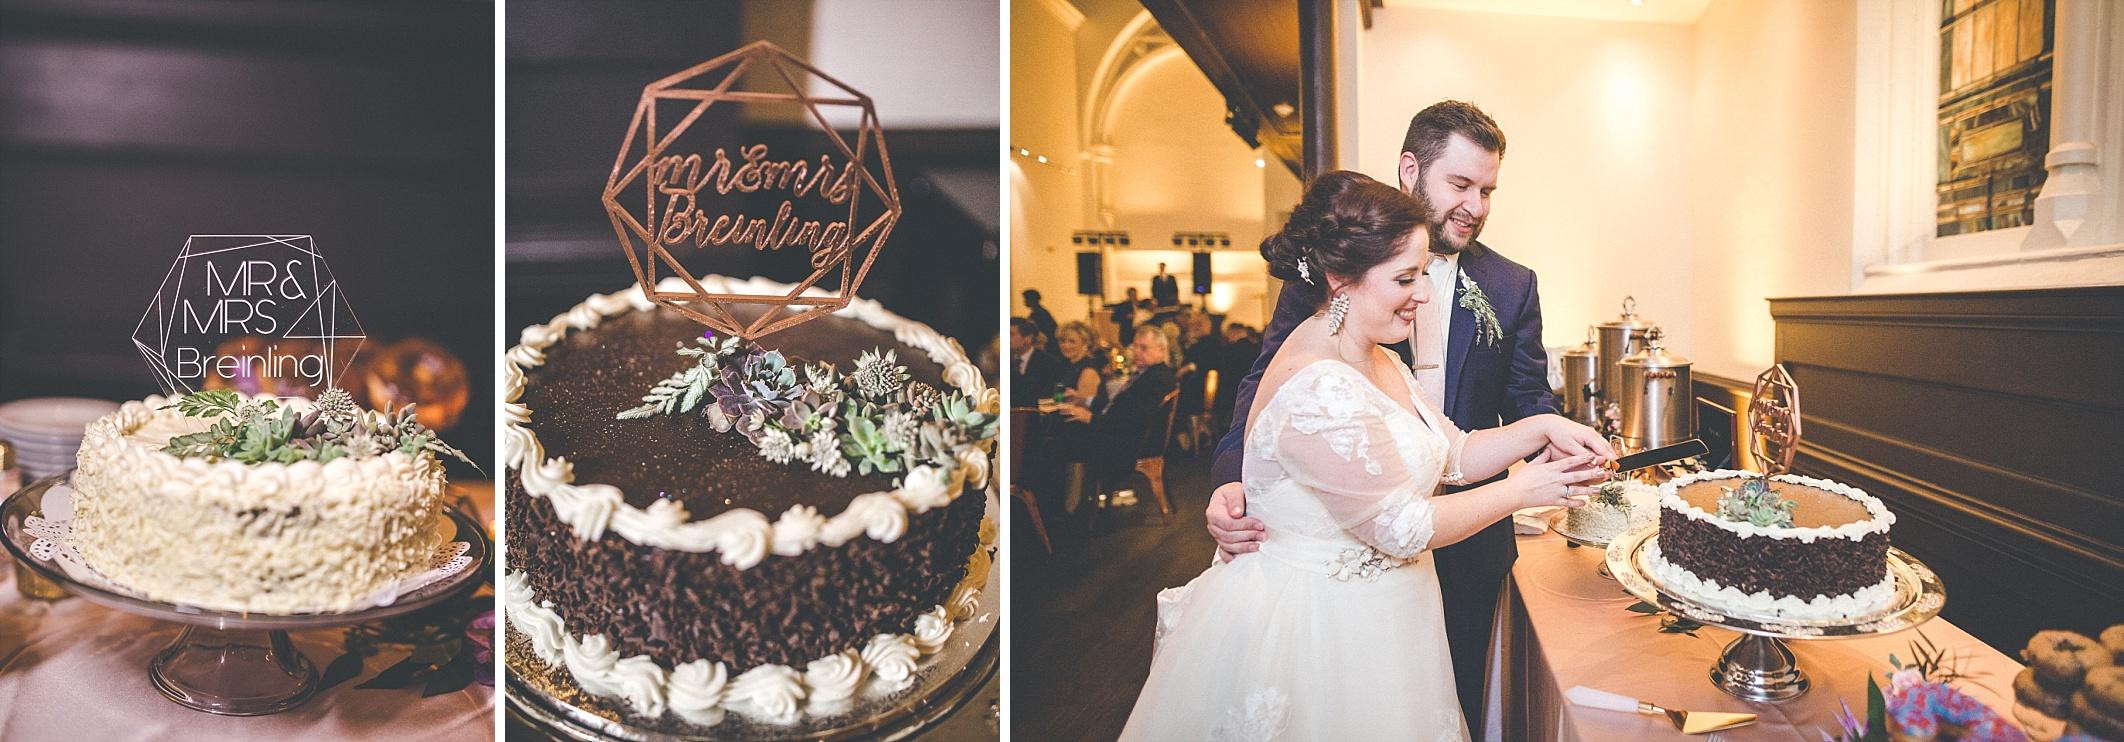 hilary-aaron-cincinnati-trancept-wedding-photographer-dayton-ohio_0047.jpg